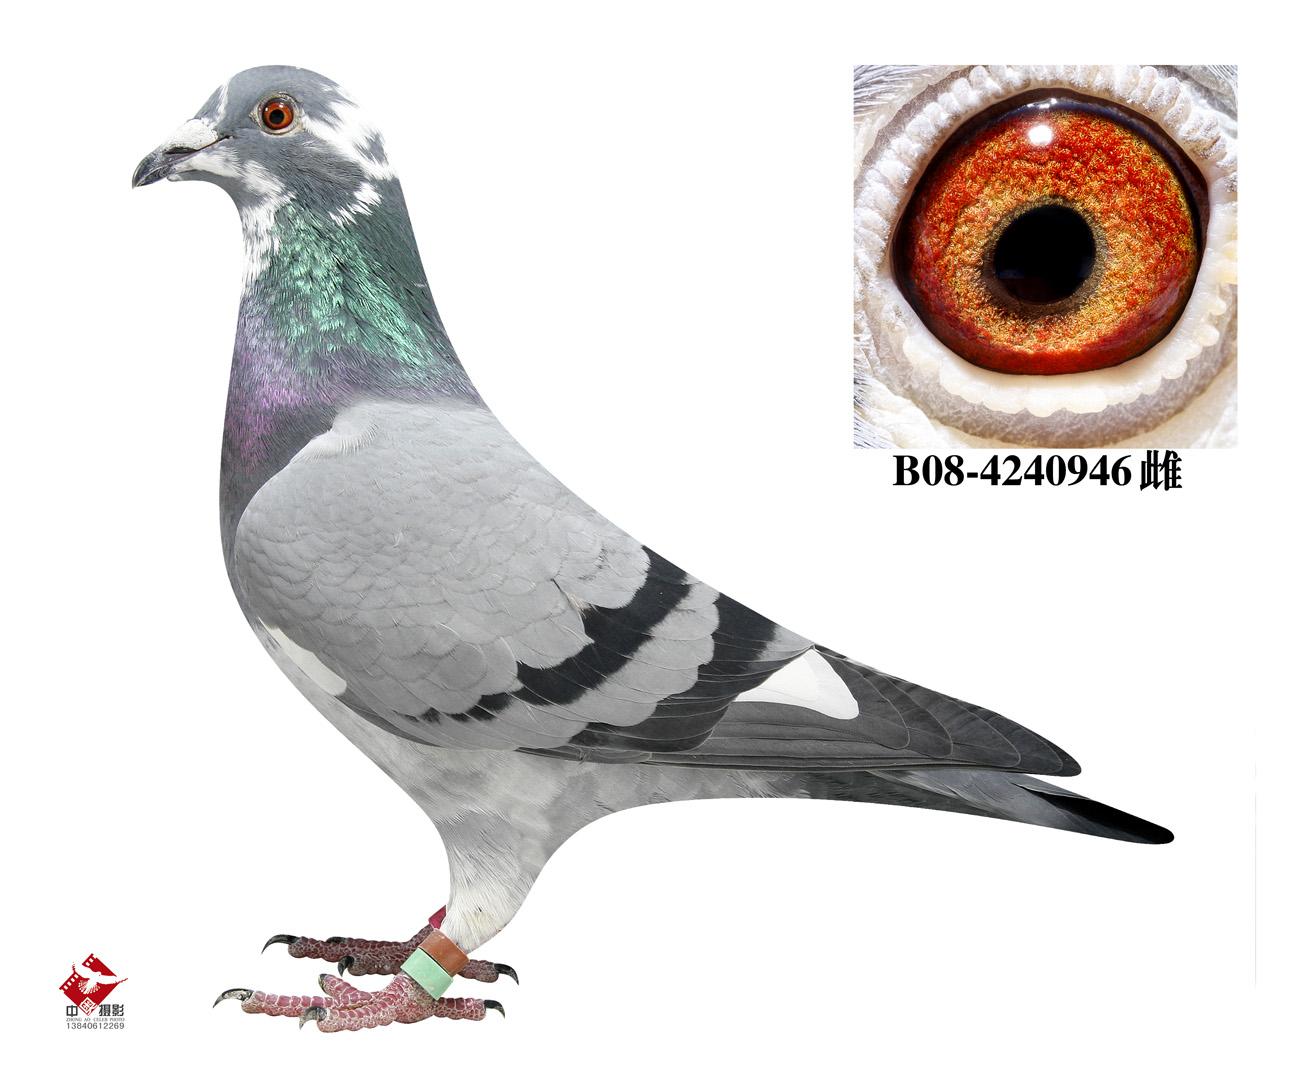 鸽子 教学图示